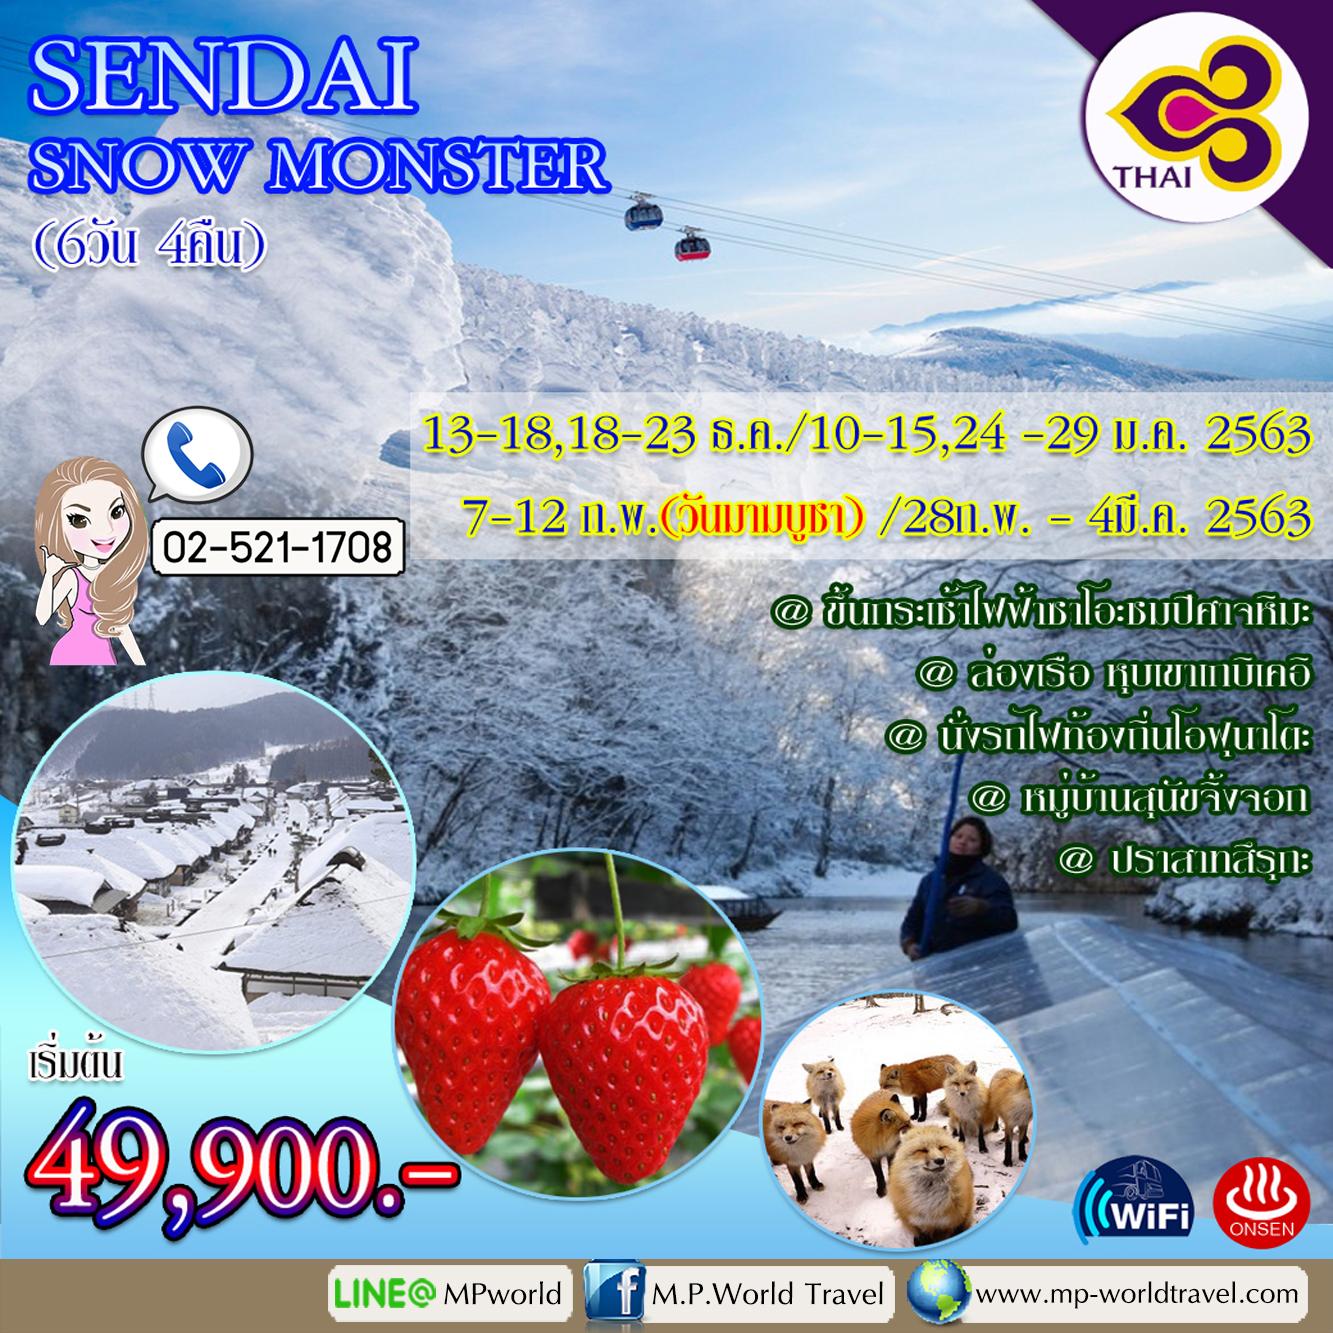 ทัวร์ญี่ปุ่น SENDAI SNOW MONSTER 6D 4N TG